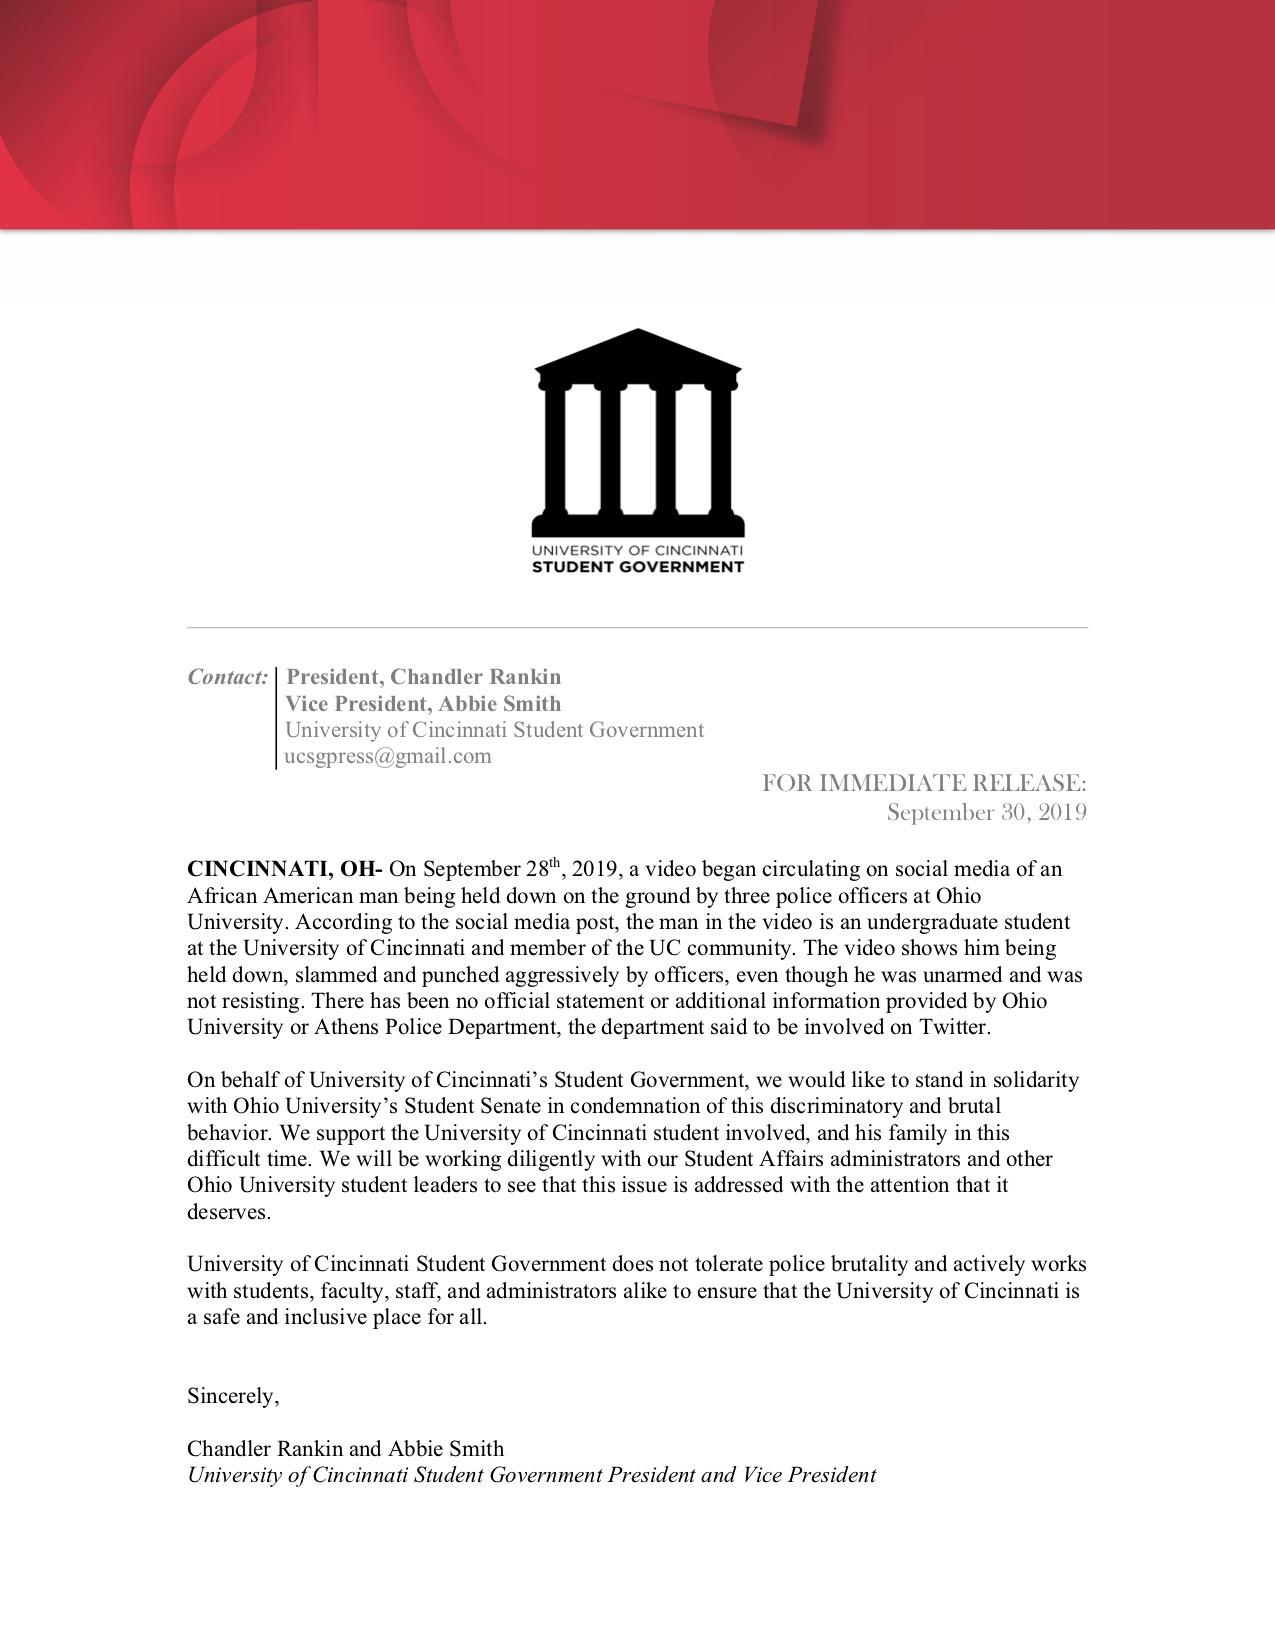 SG Press Release